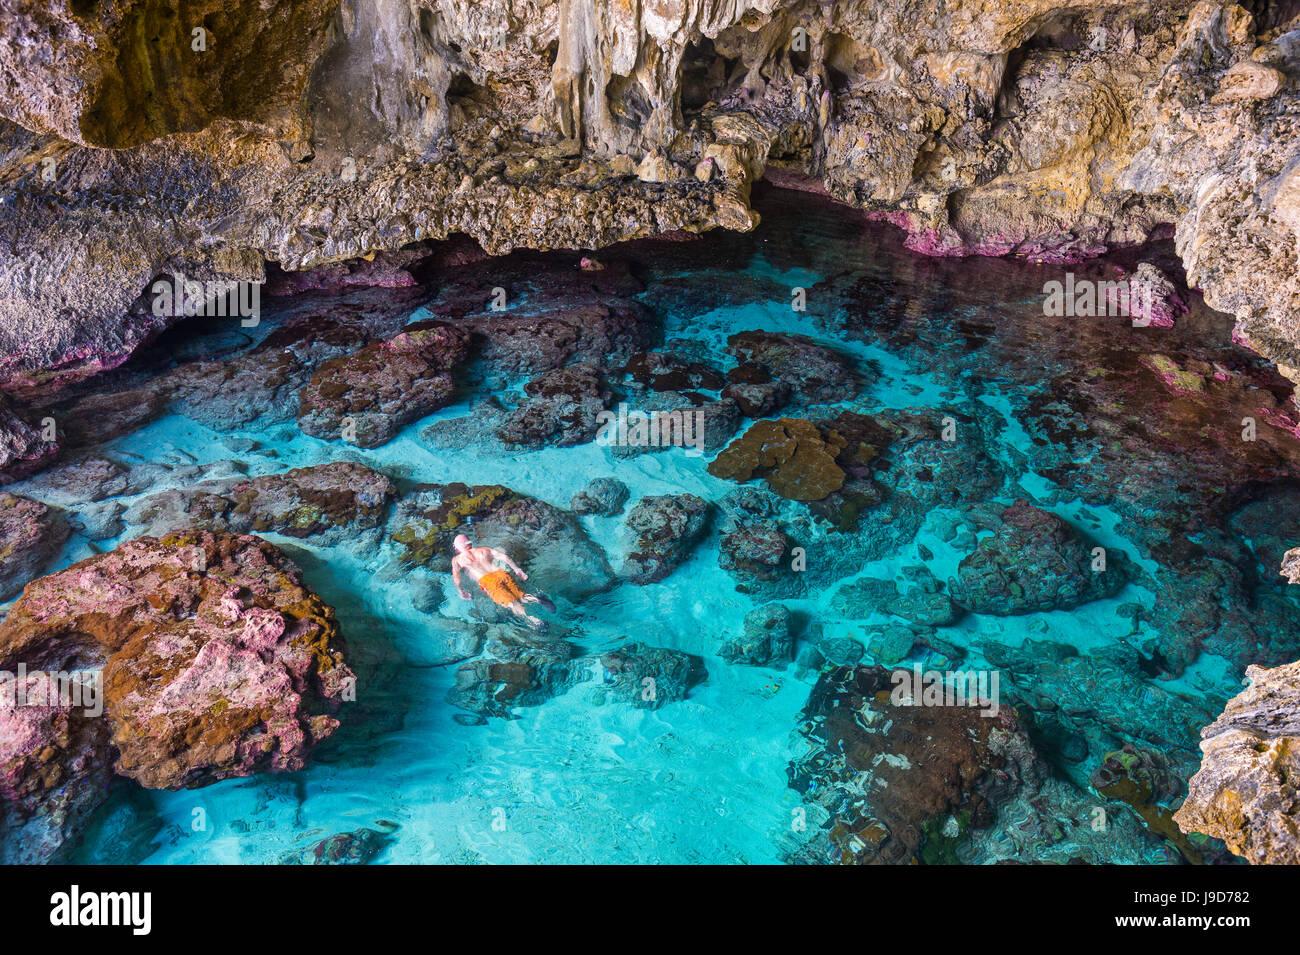 Los turistas nadar en las pozas de marea rock Avaiki increíble Niue, Pacífico Sur, Pacífico Imagen De Stock